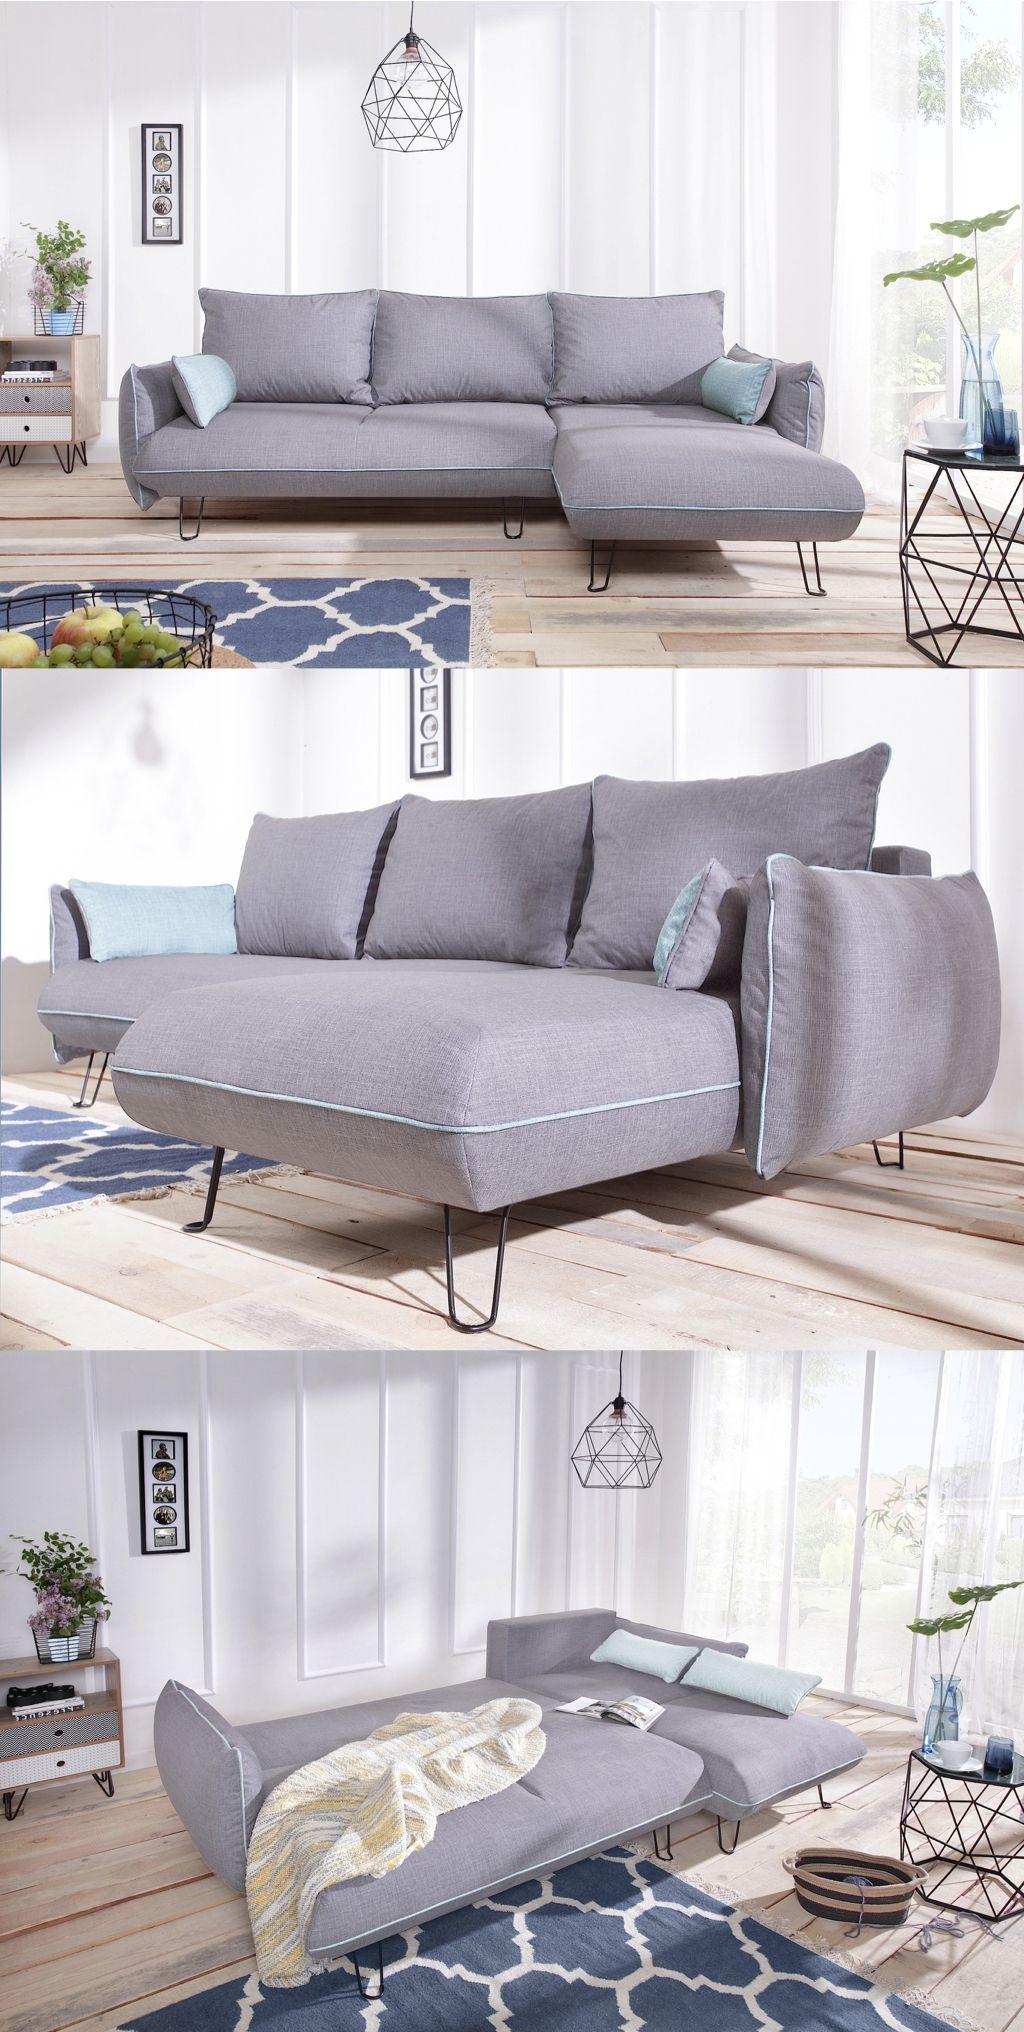 canapé design et minimaliste gris clair avec touches de bleu ciel ...